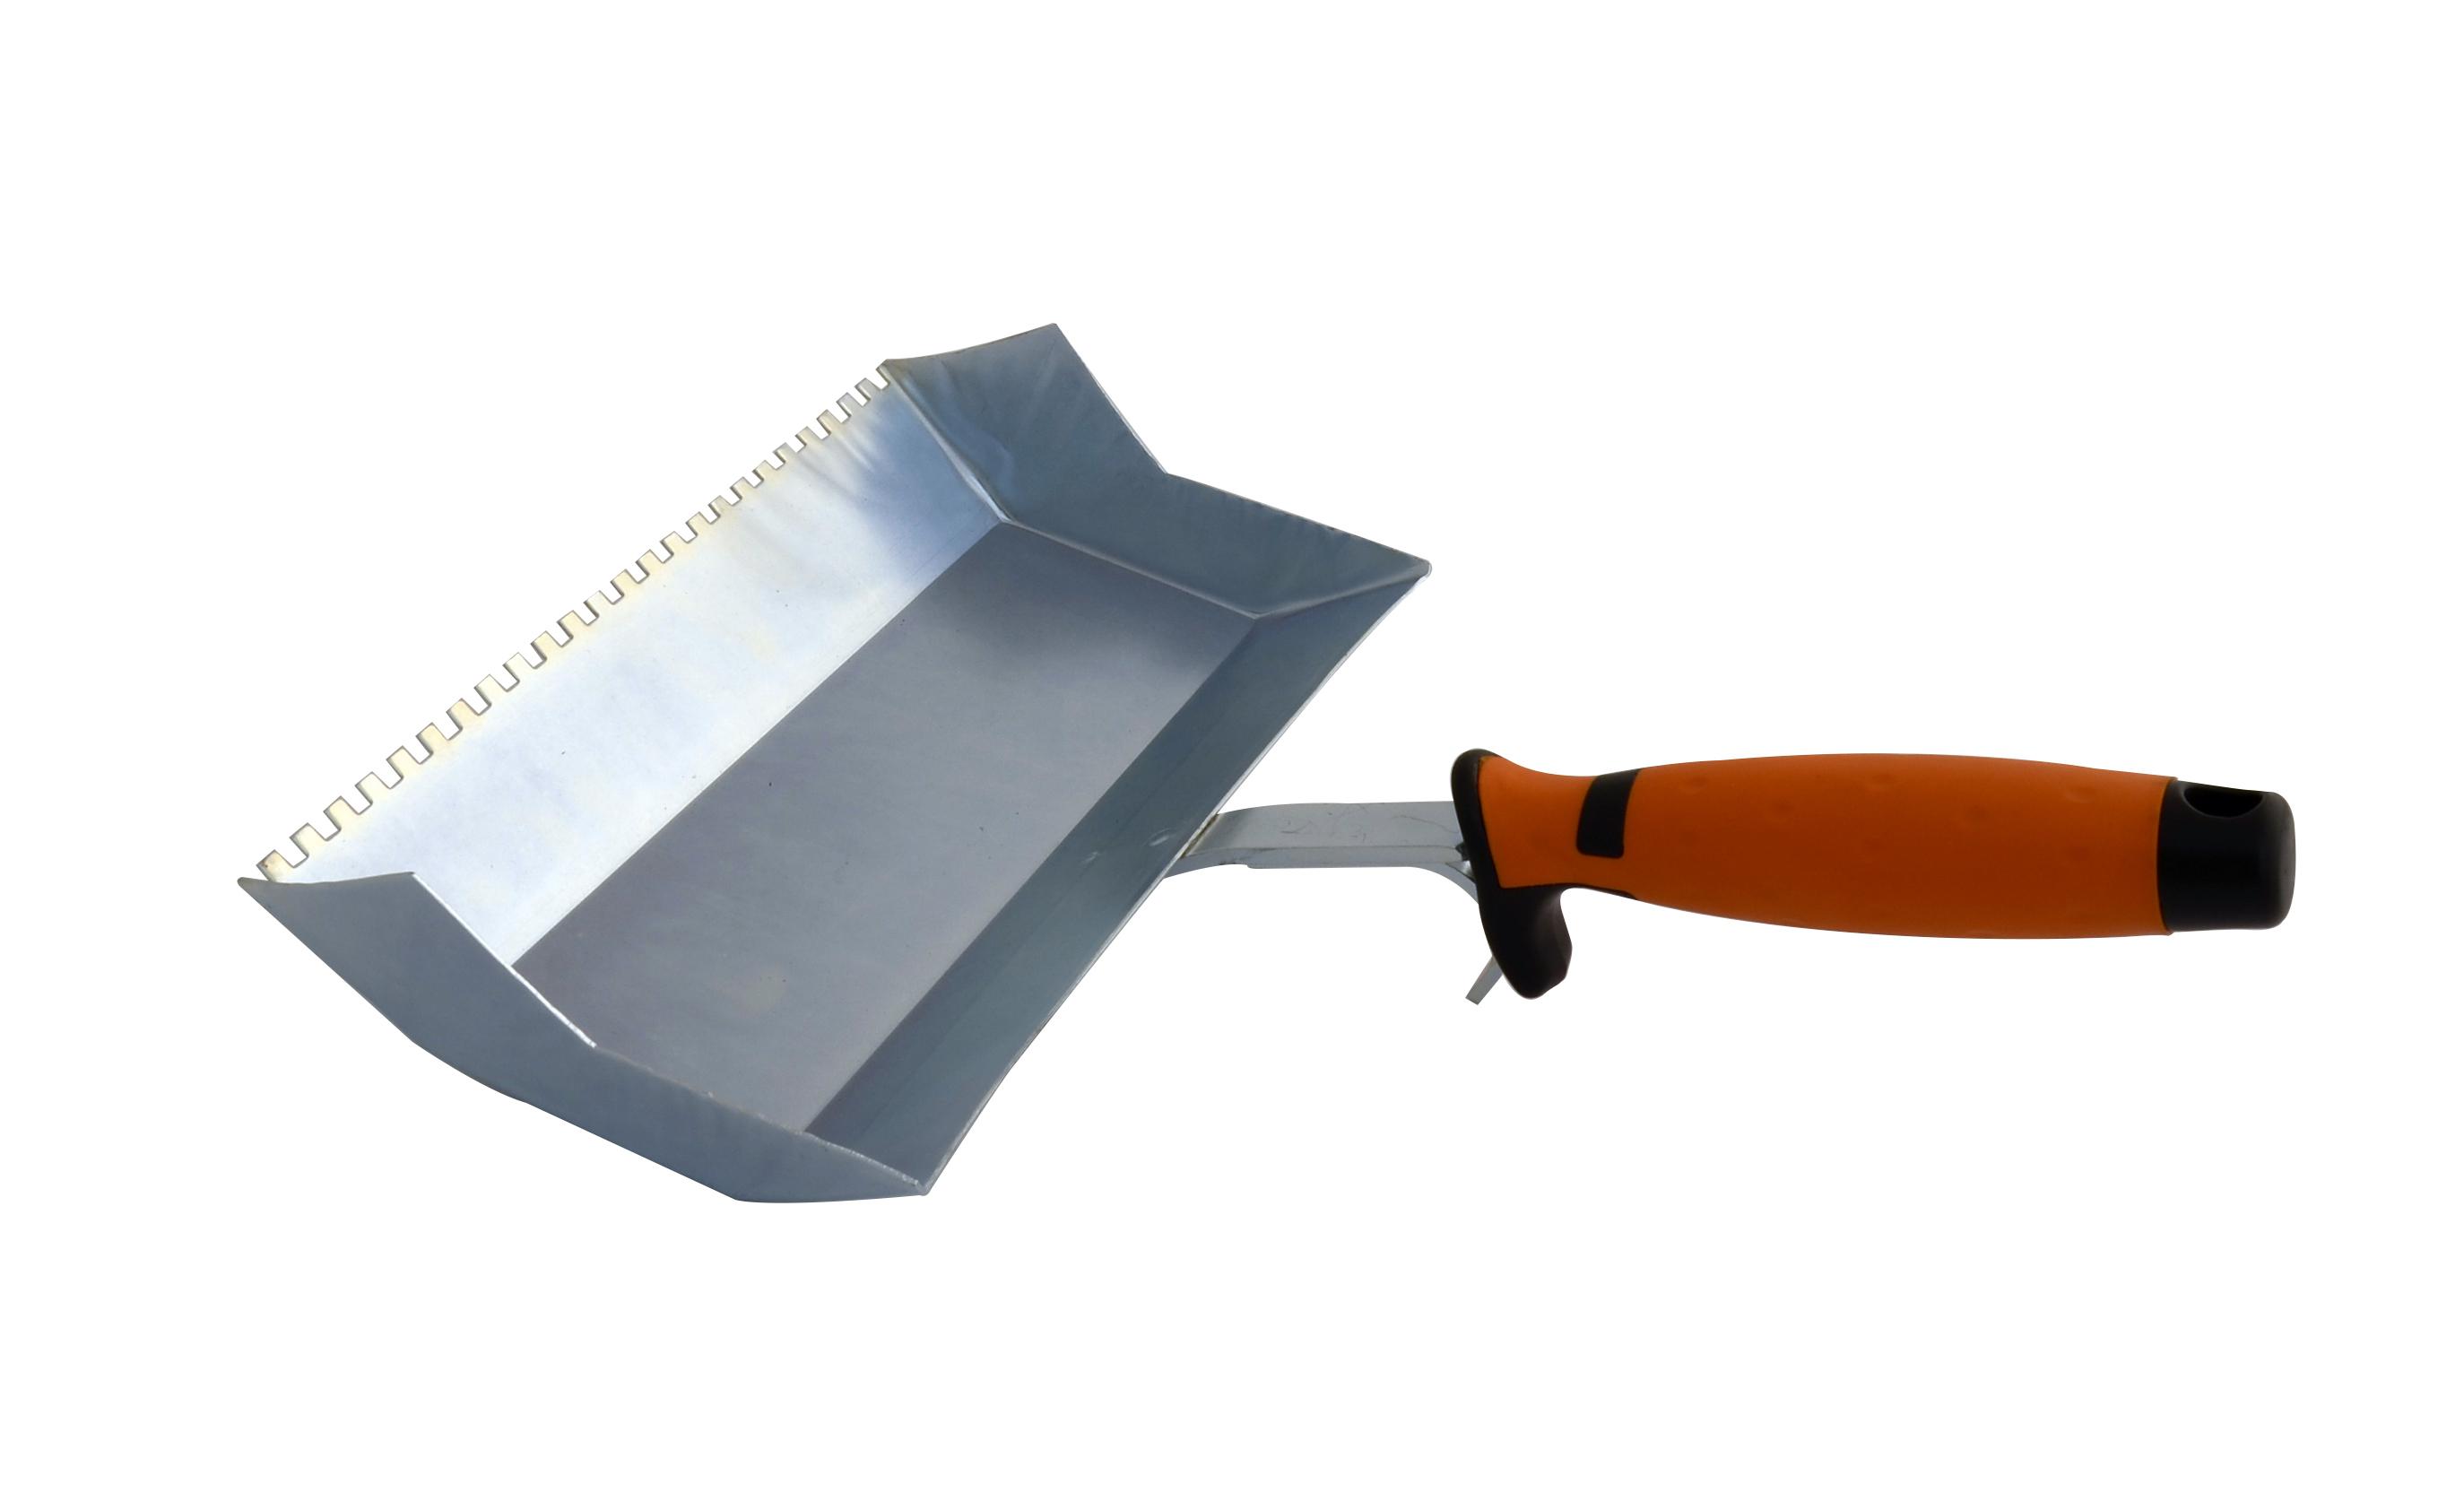 Truelle dent e colle pour b ton cellulaire 240 mm edma krenobat outillage distribution - Colle pour beton cellulaire ...